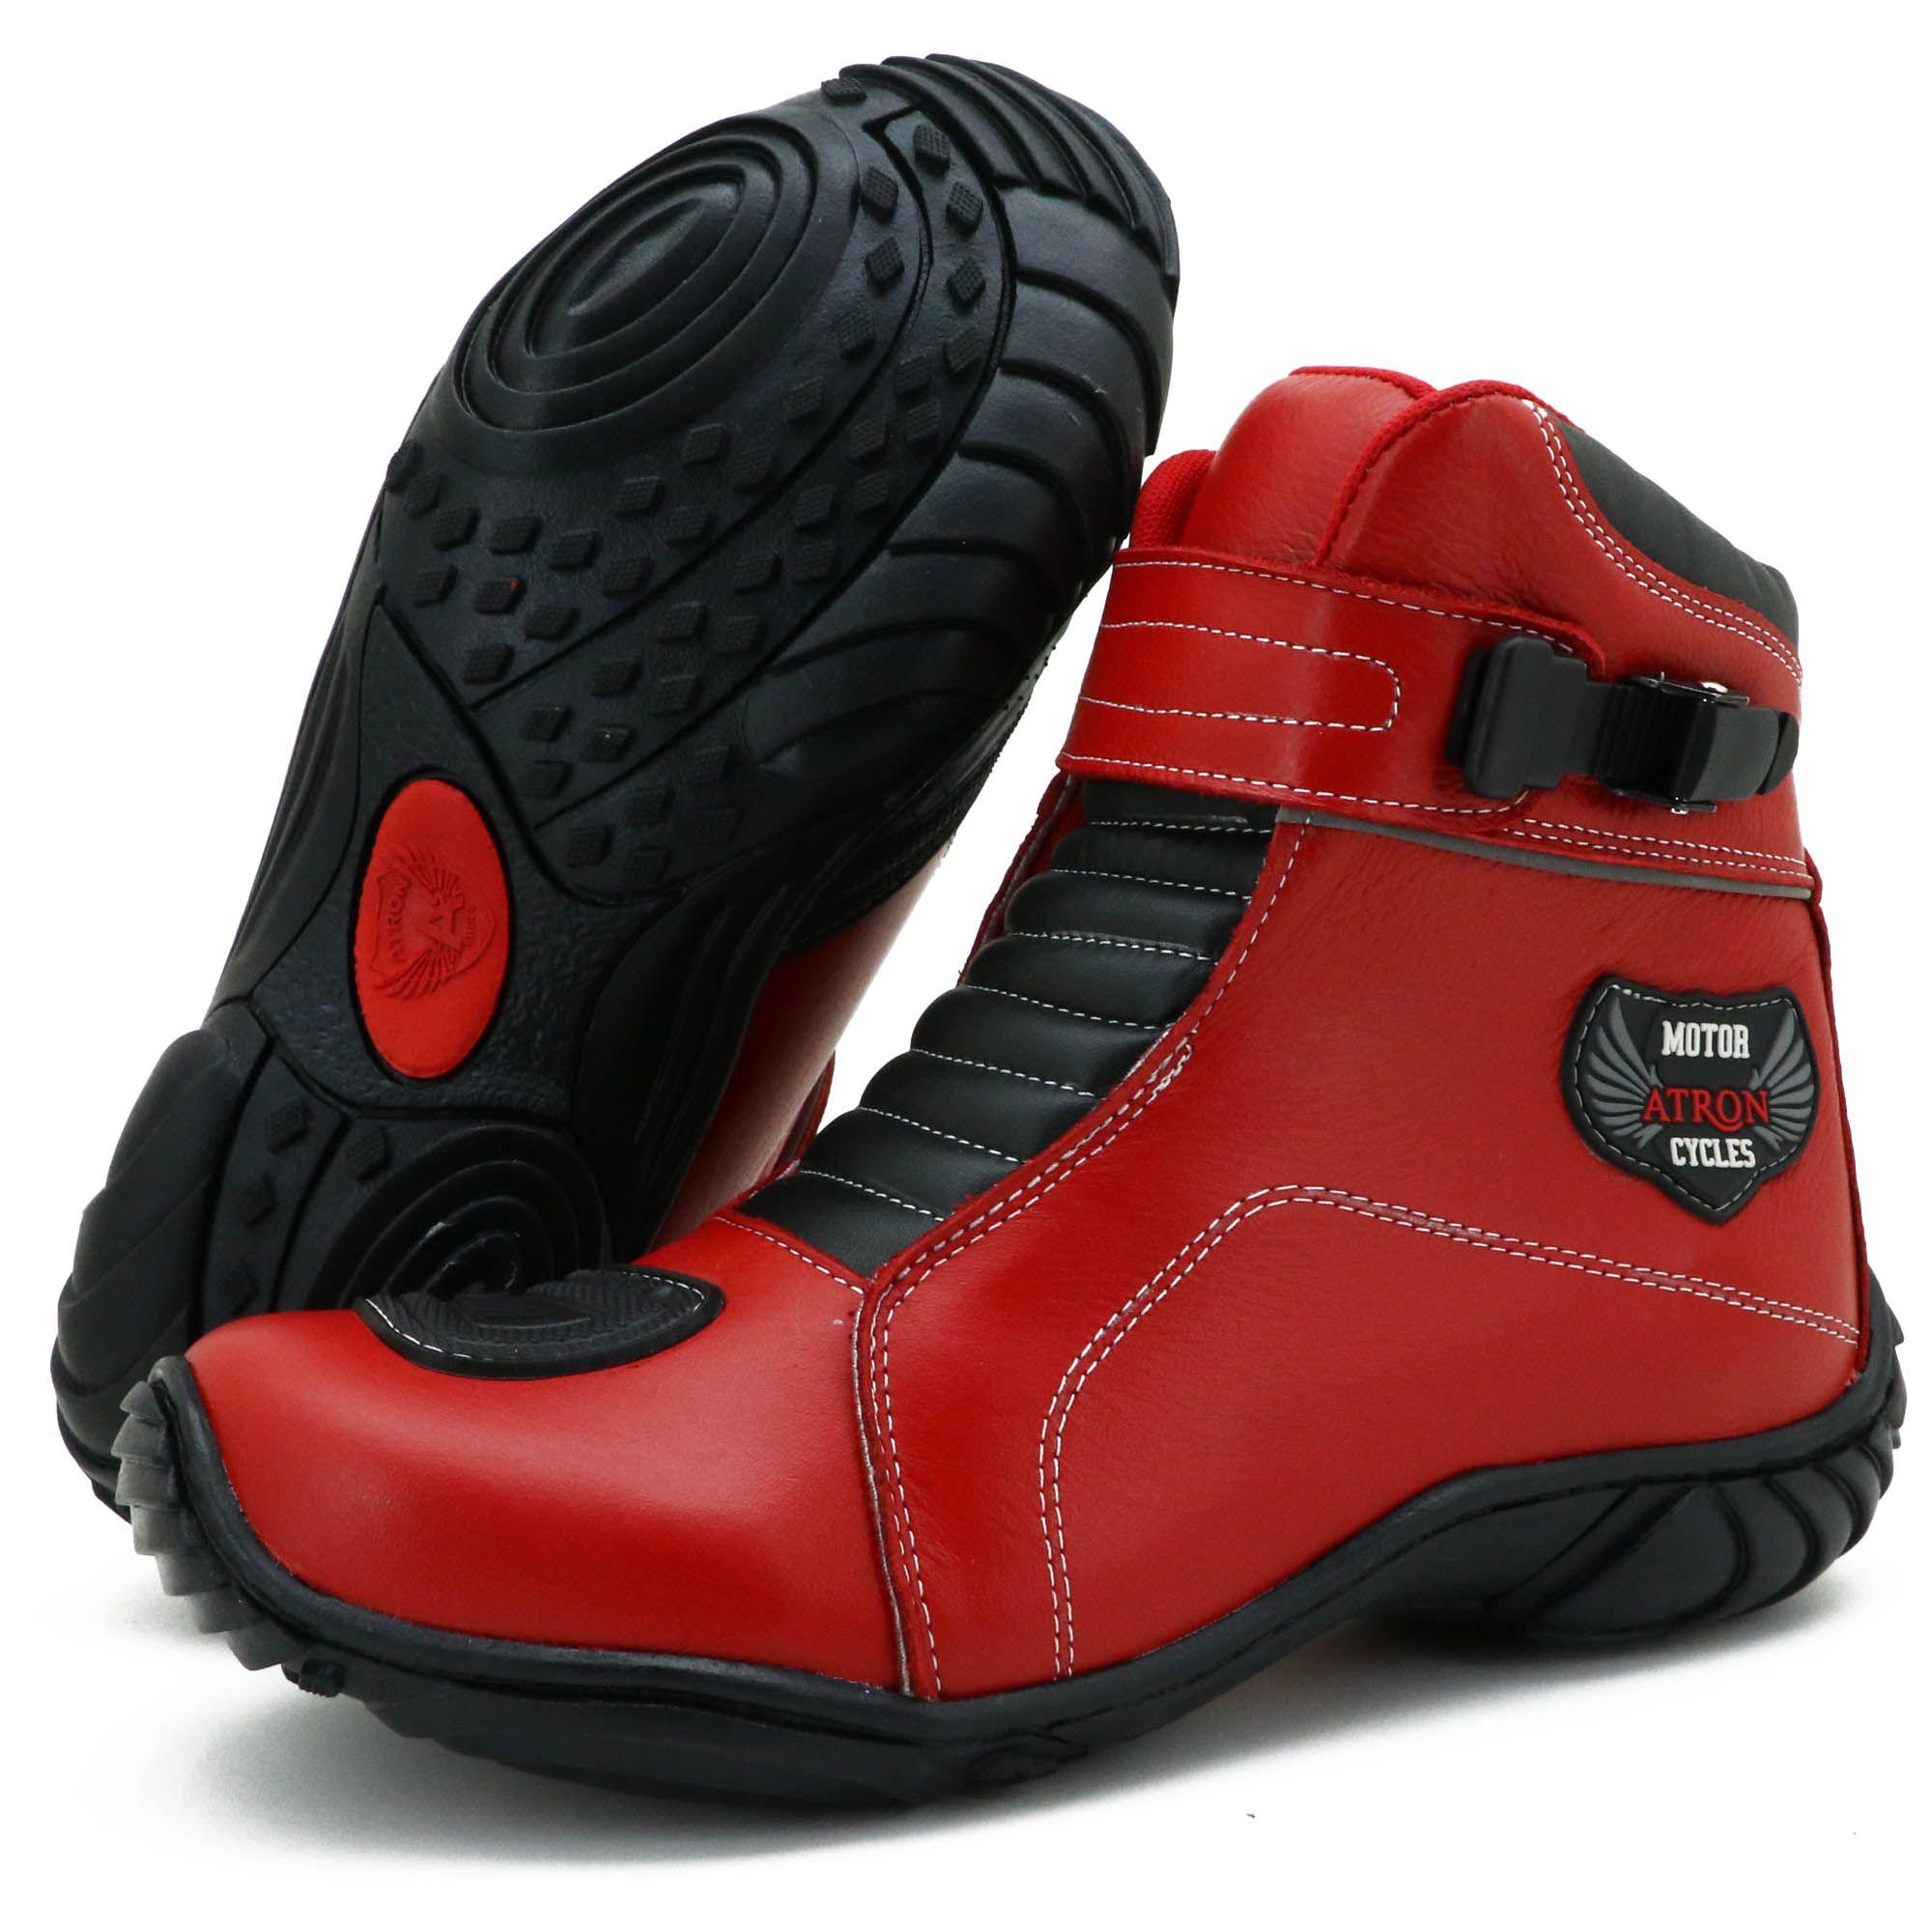 Bota coturno motociclista de couro na cor vermelha com tira ajustável 287